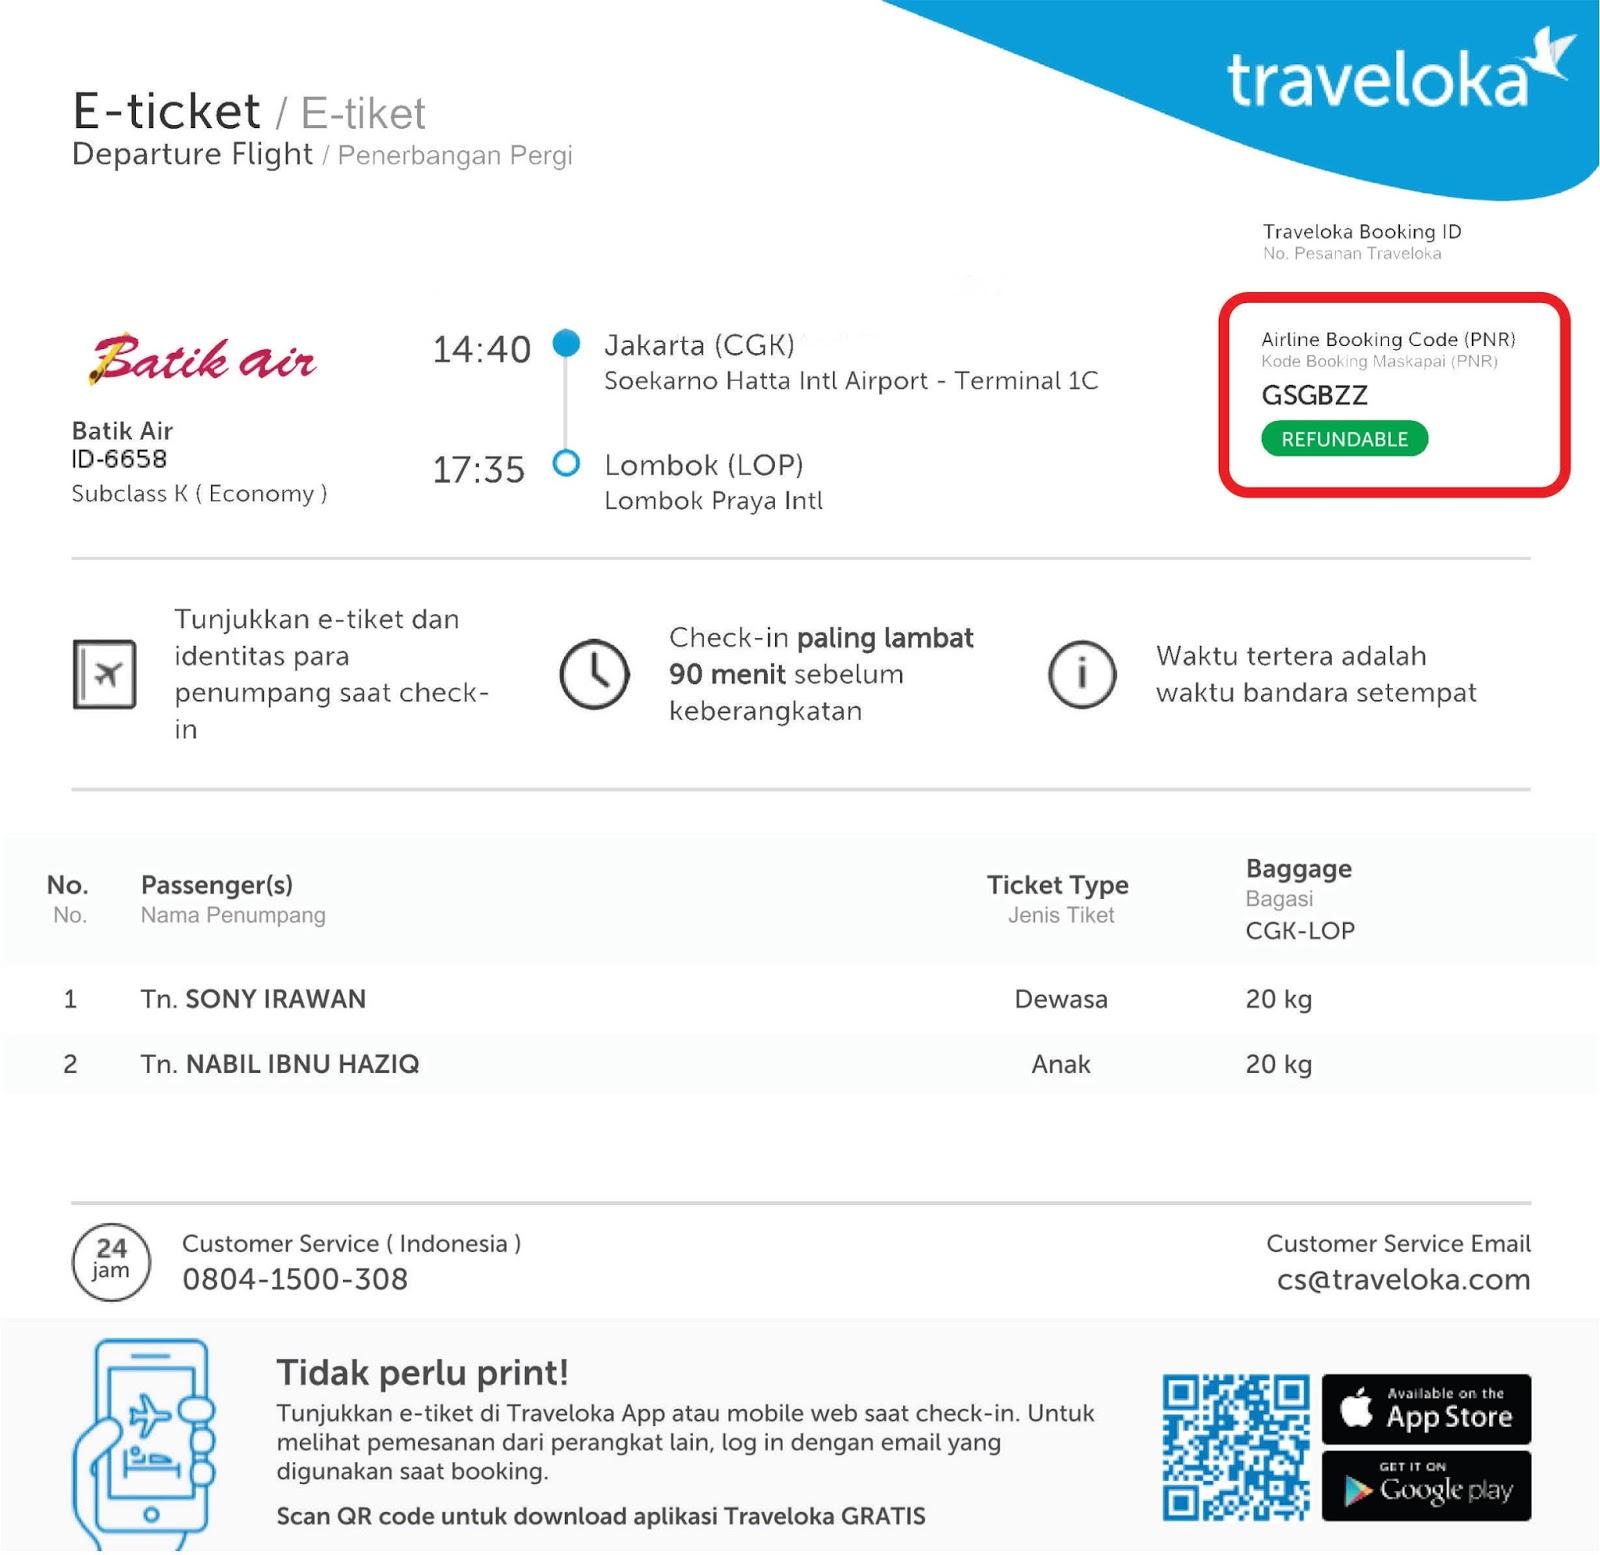 Saya Keluarga Web Check In Batik Air Dan Lion Air